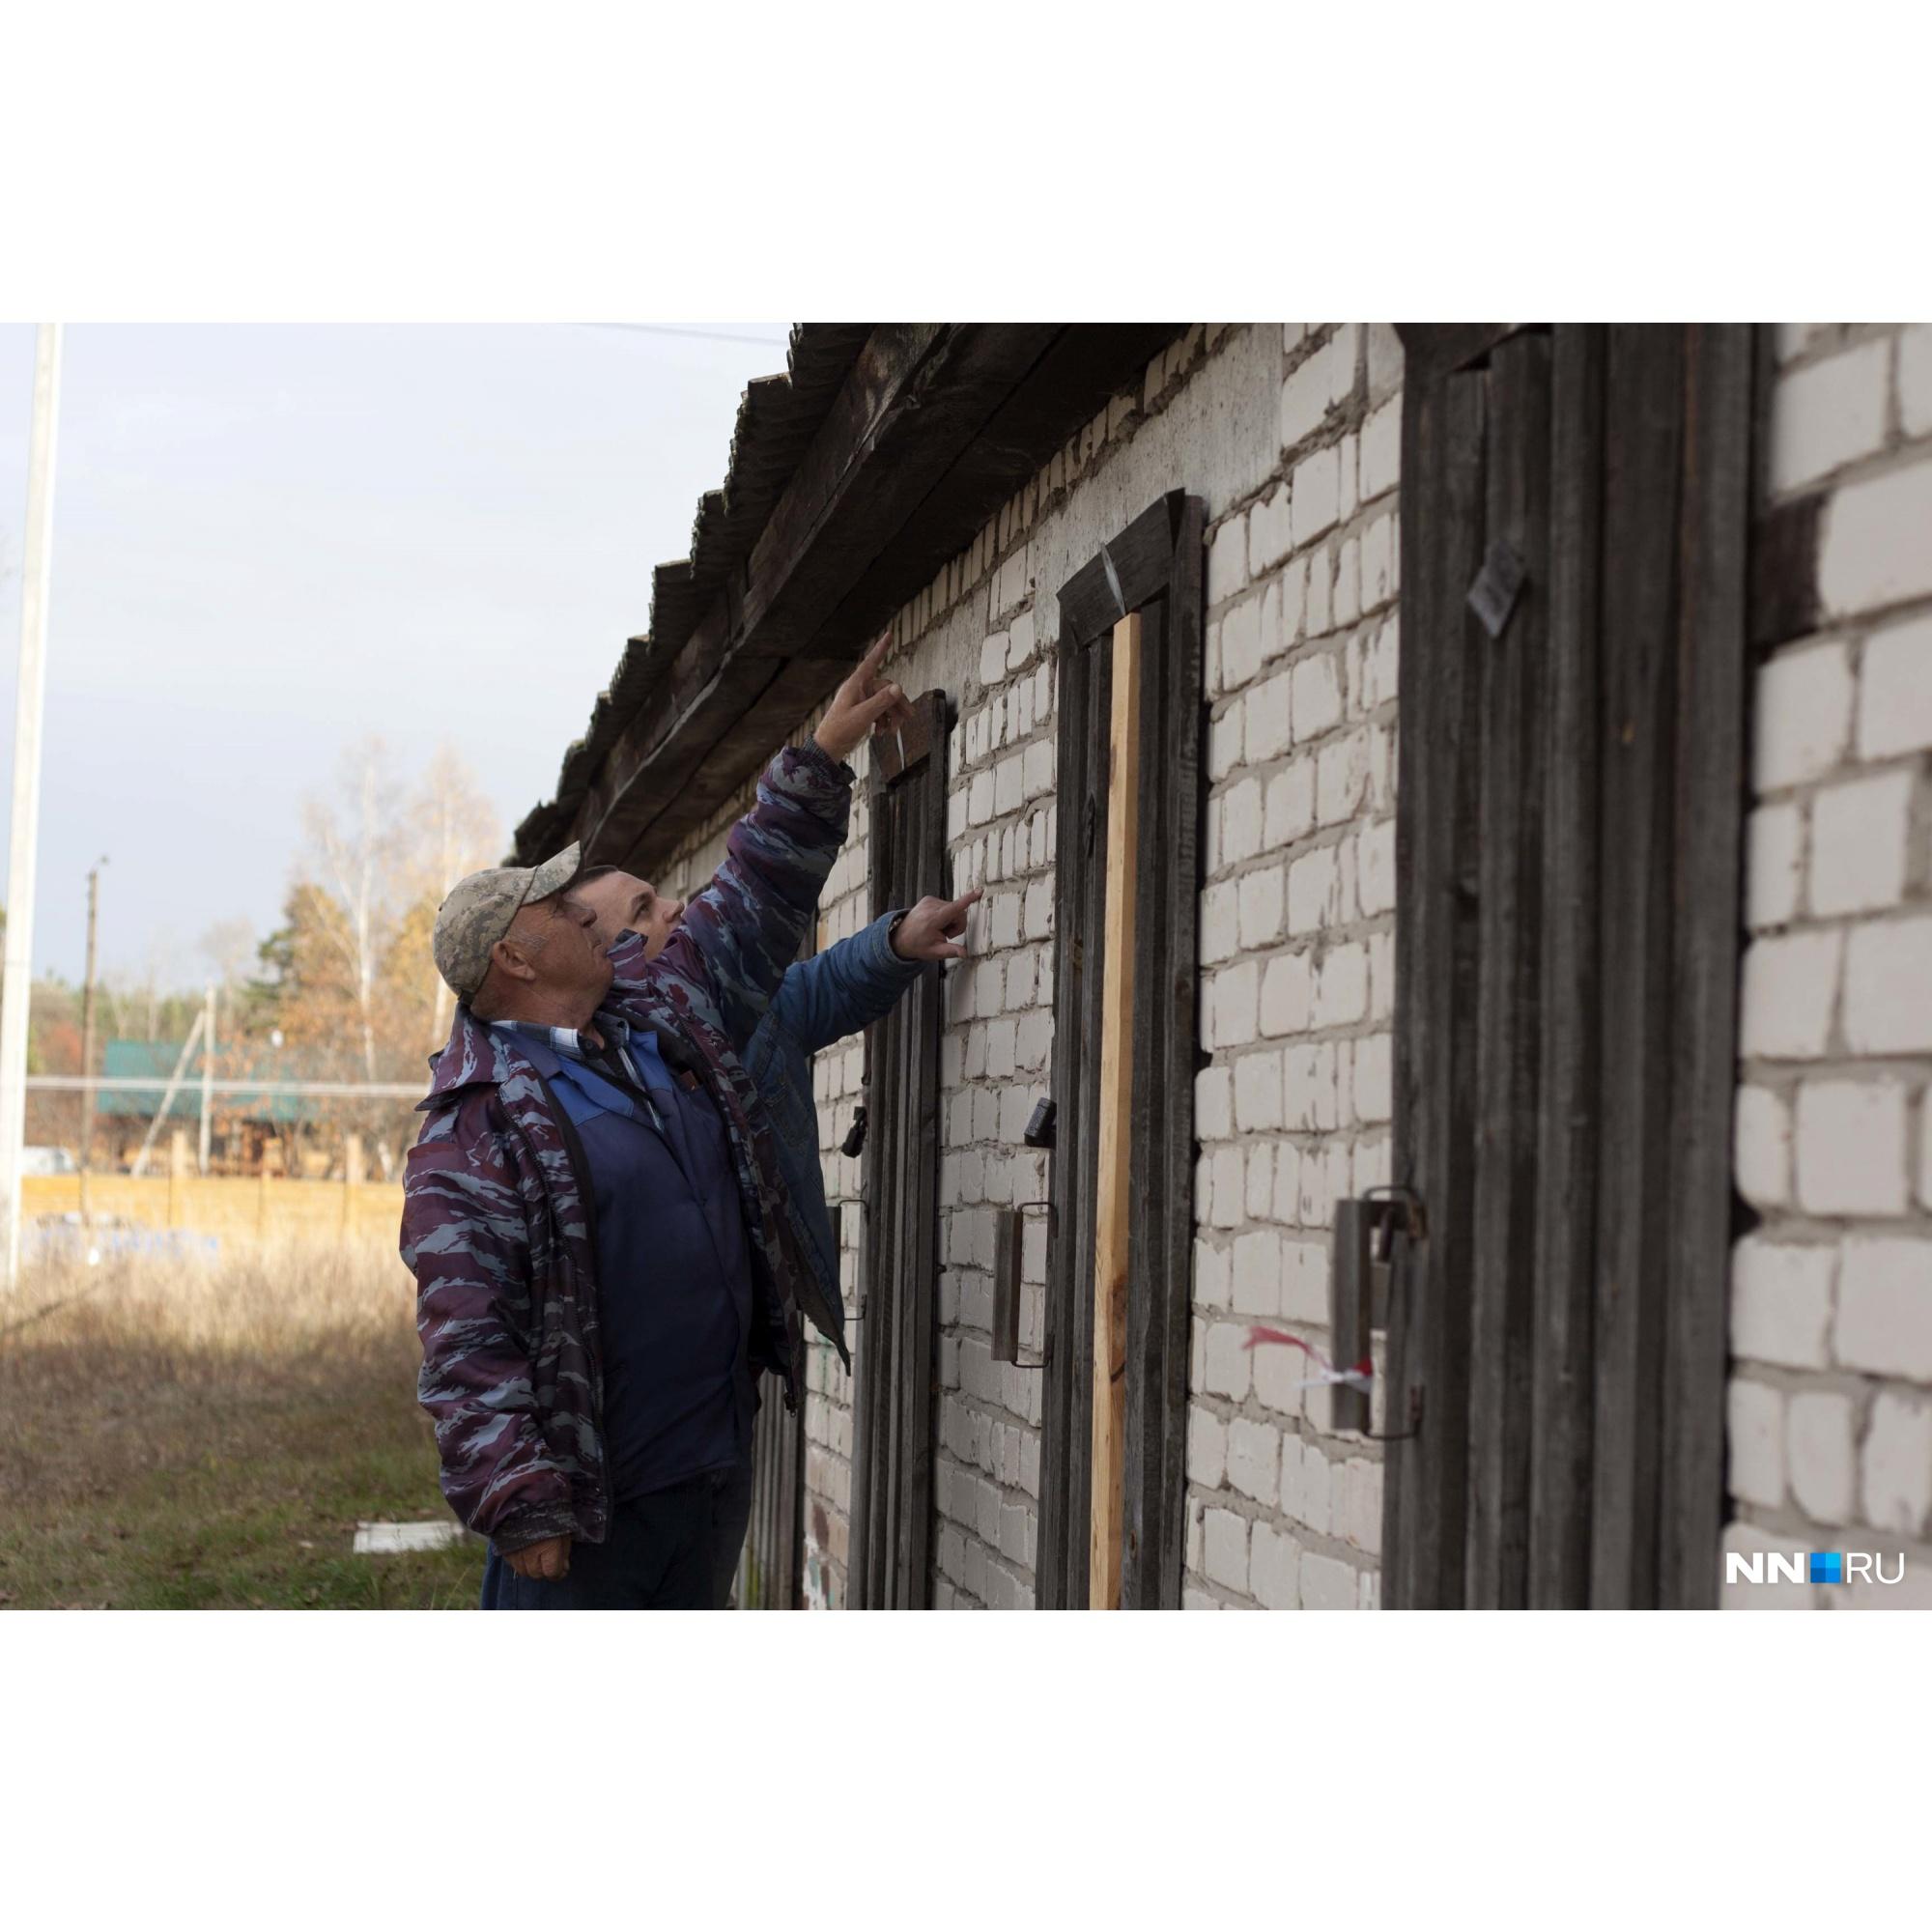 В стенах видны следы выстрелов